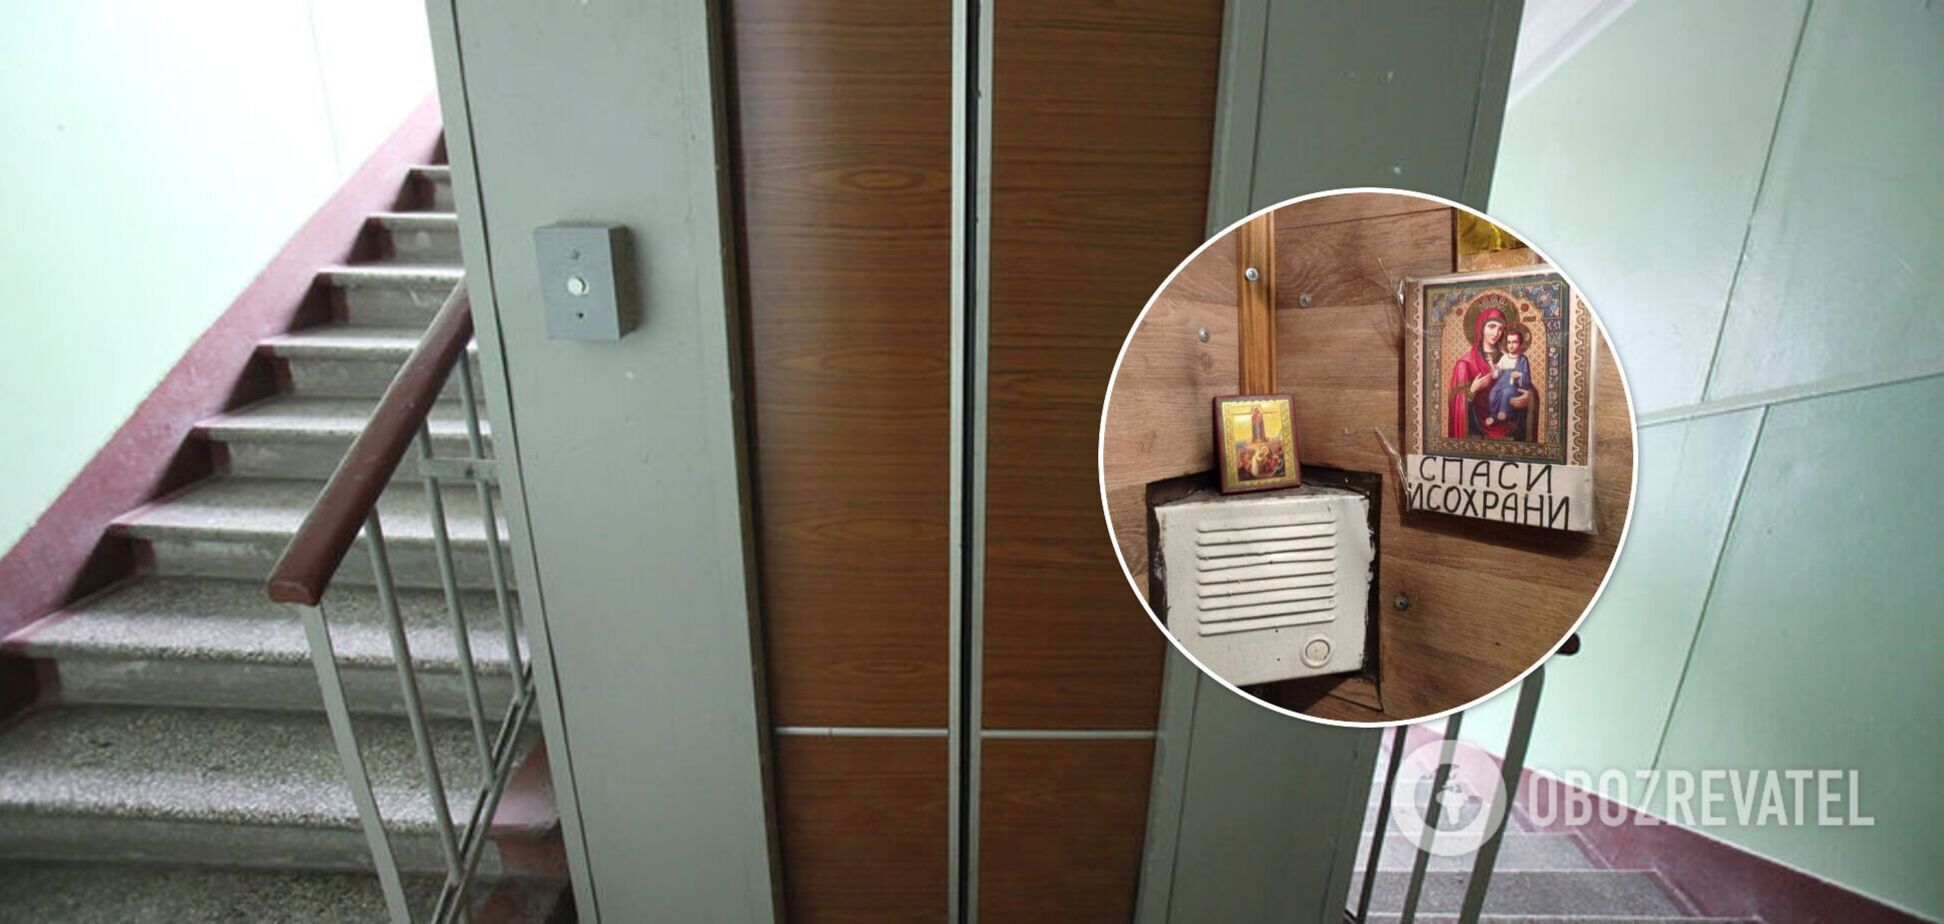 В Киеве в лифте повесили иконы